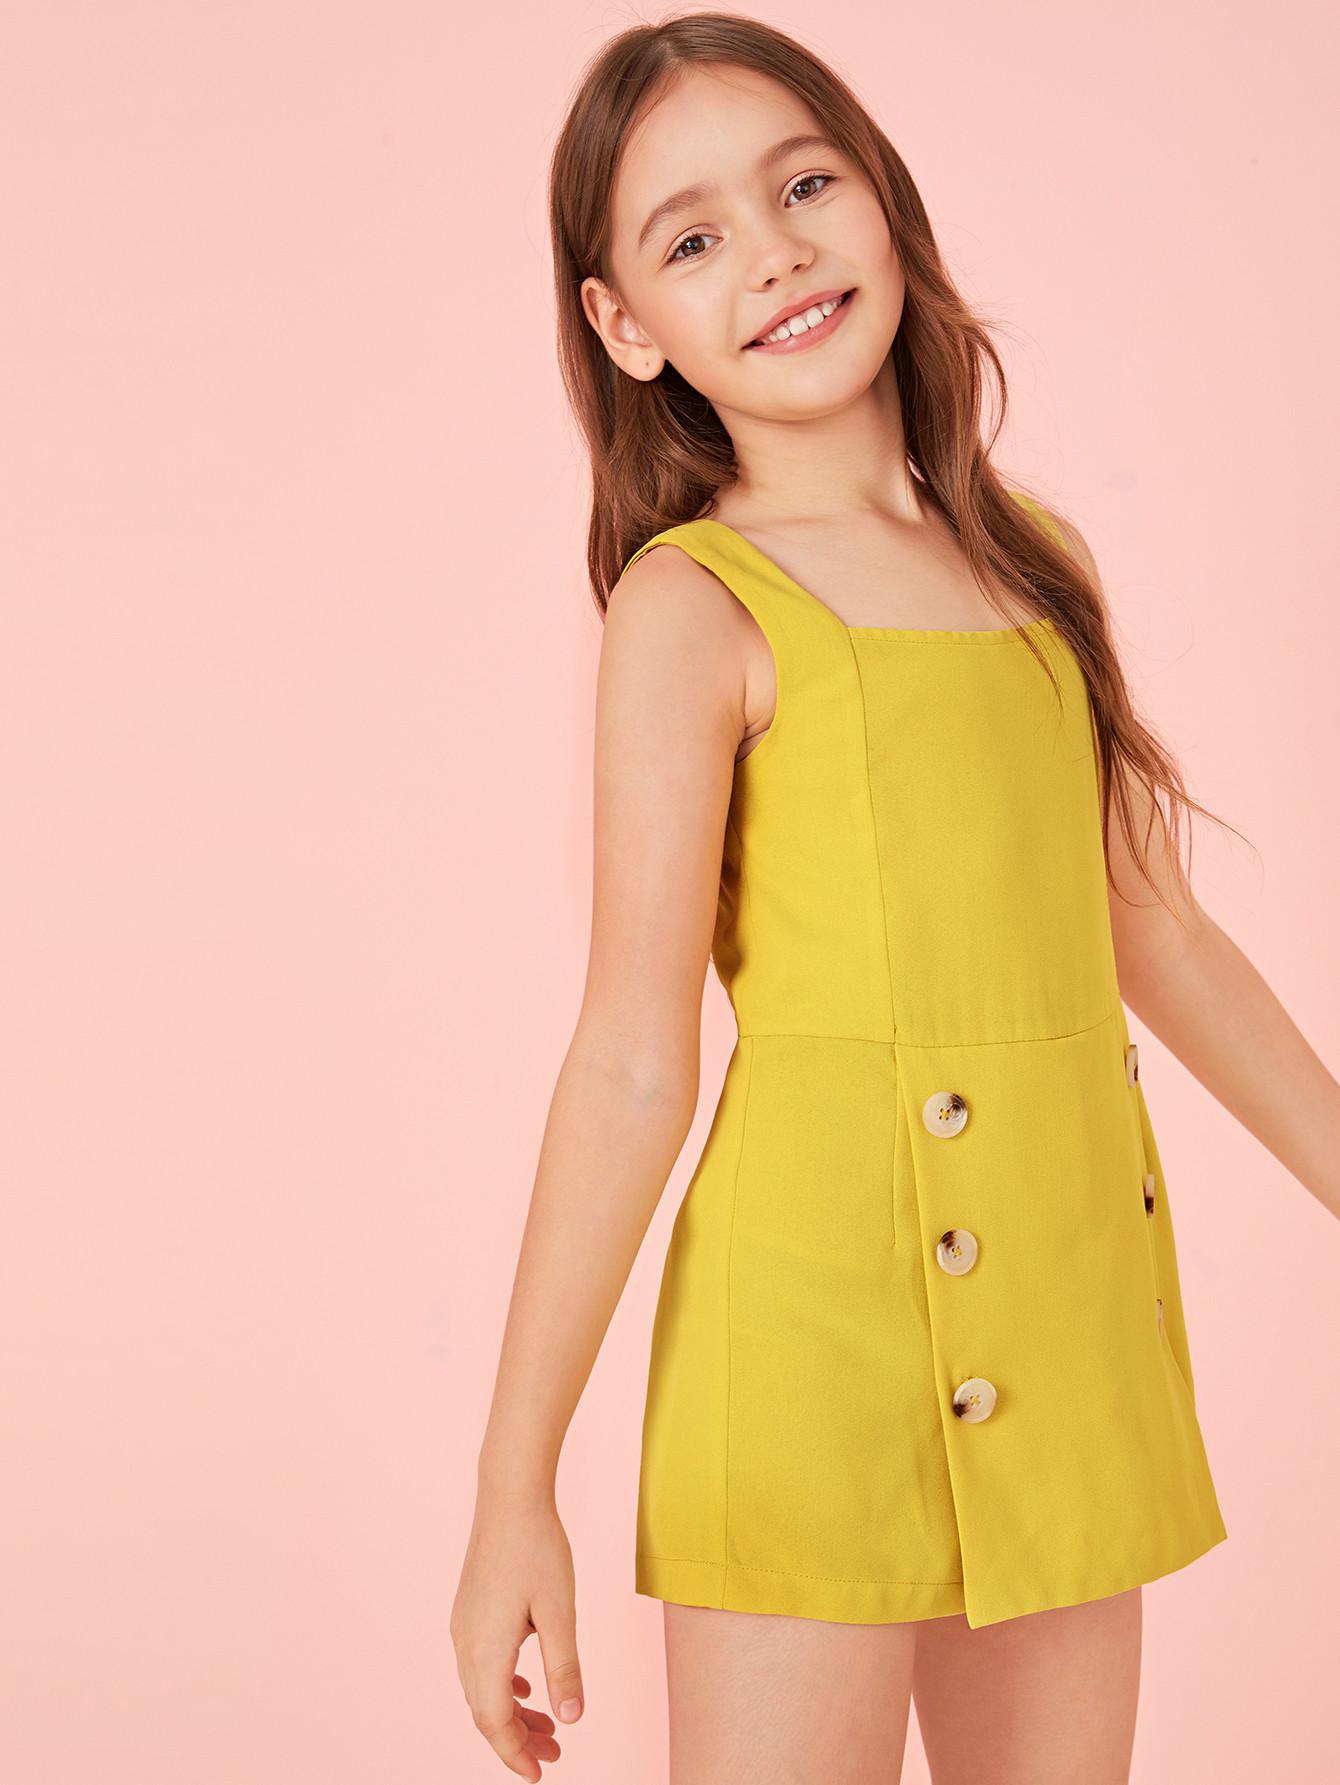 Фото - Комбинезон с пуговицами и молнией для девочек от SheIn желтого цвета